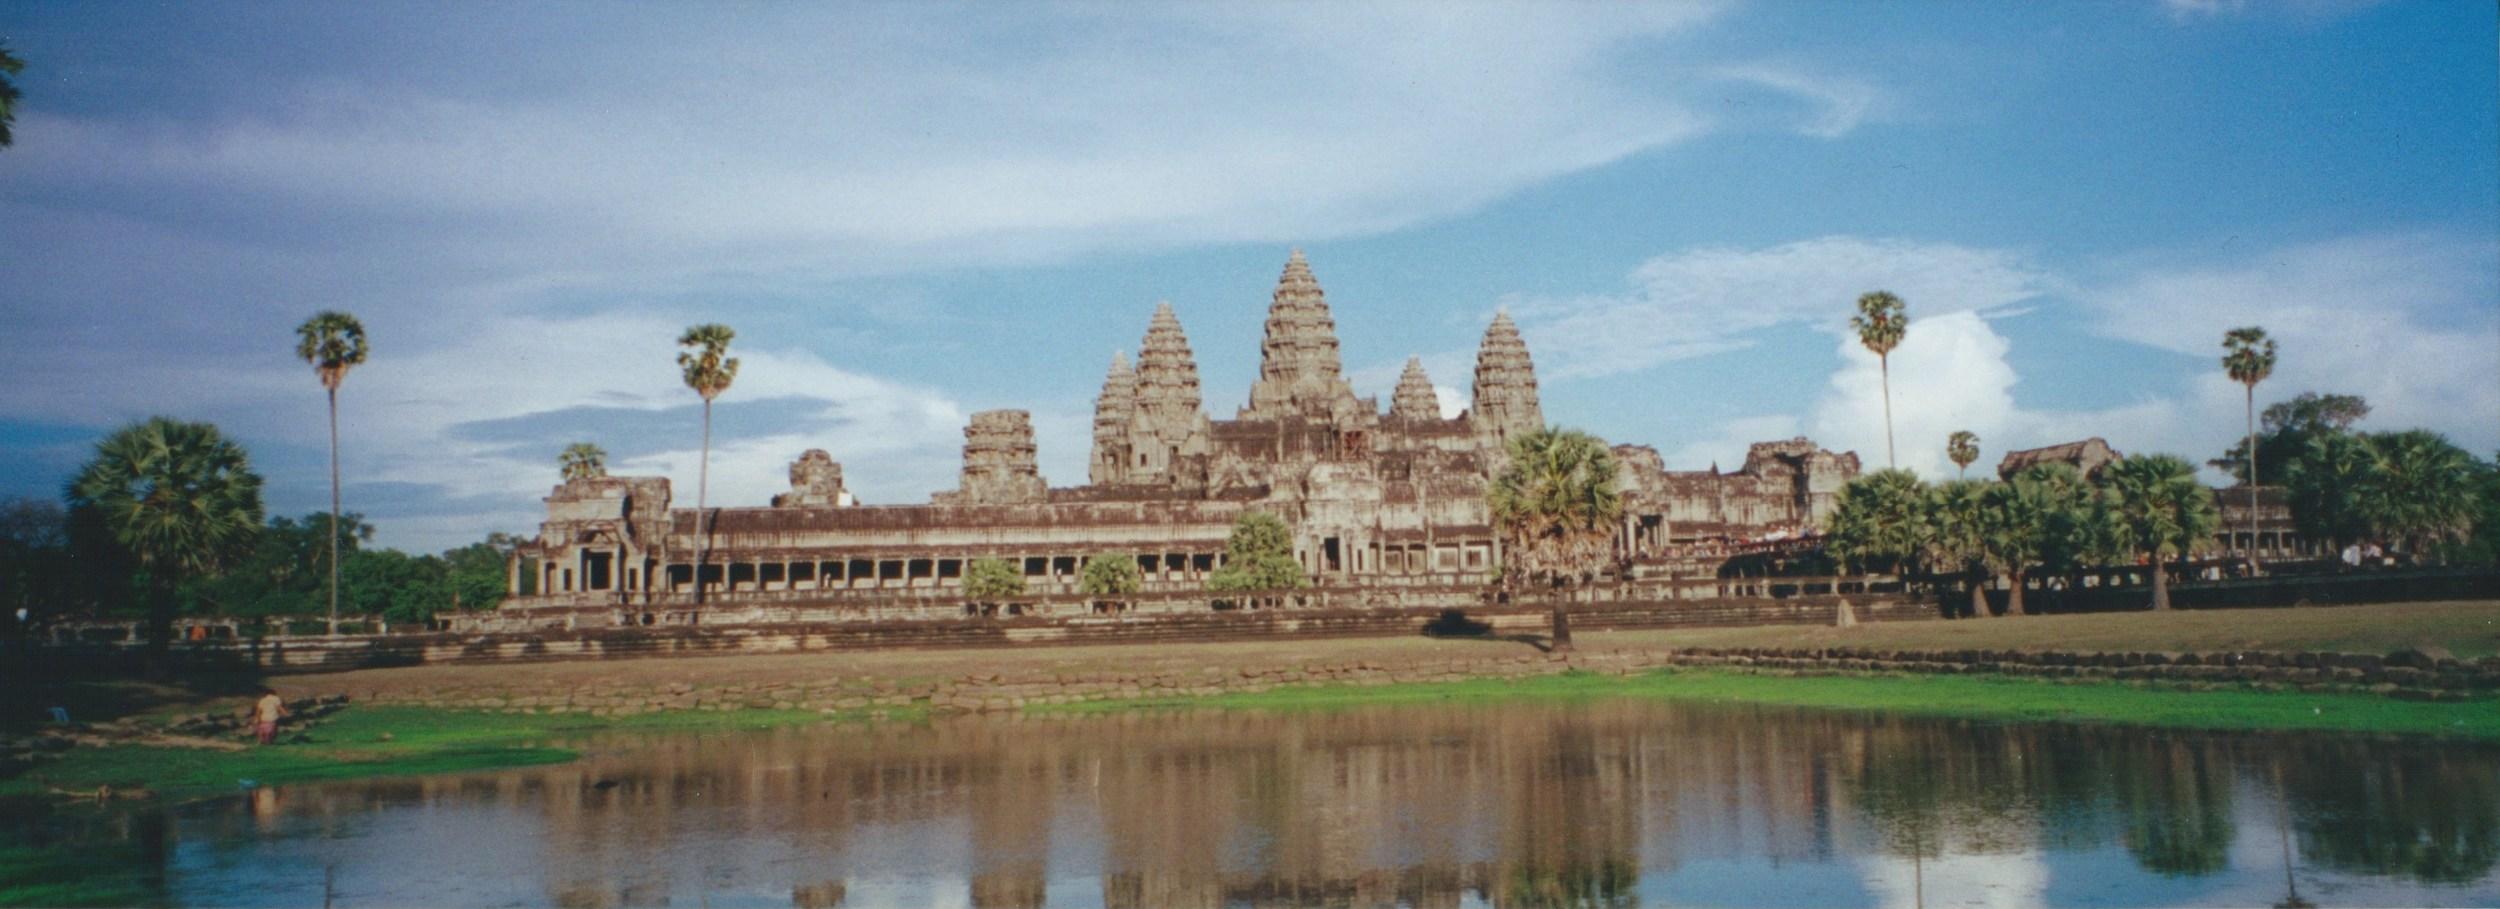 Remarkable: Angkor Wat, Cambodia